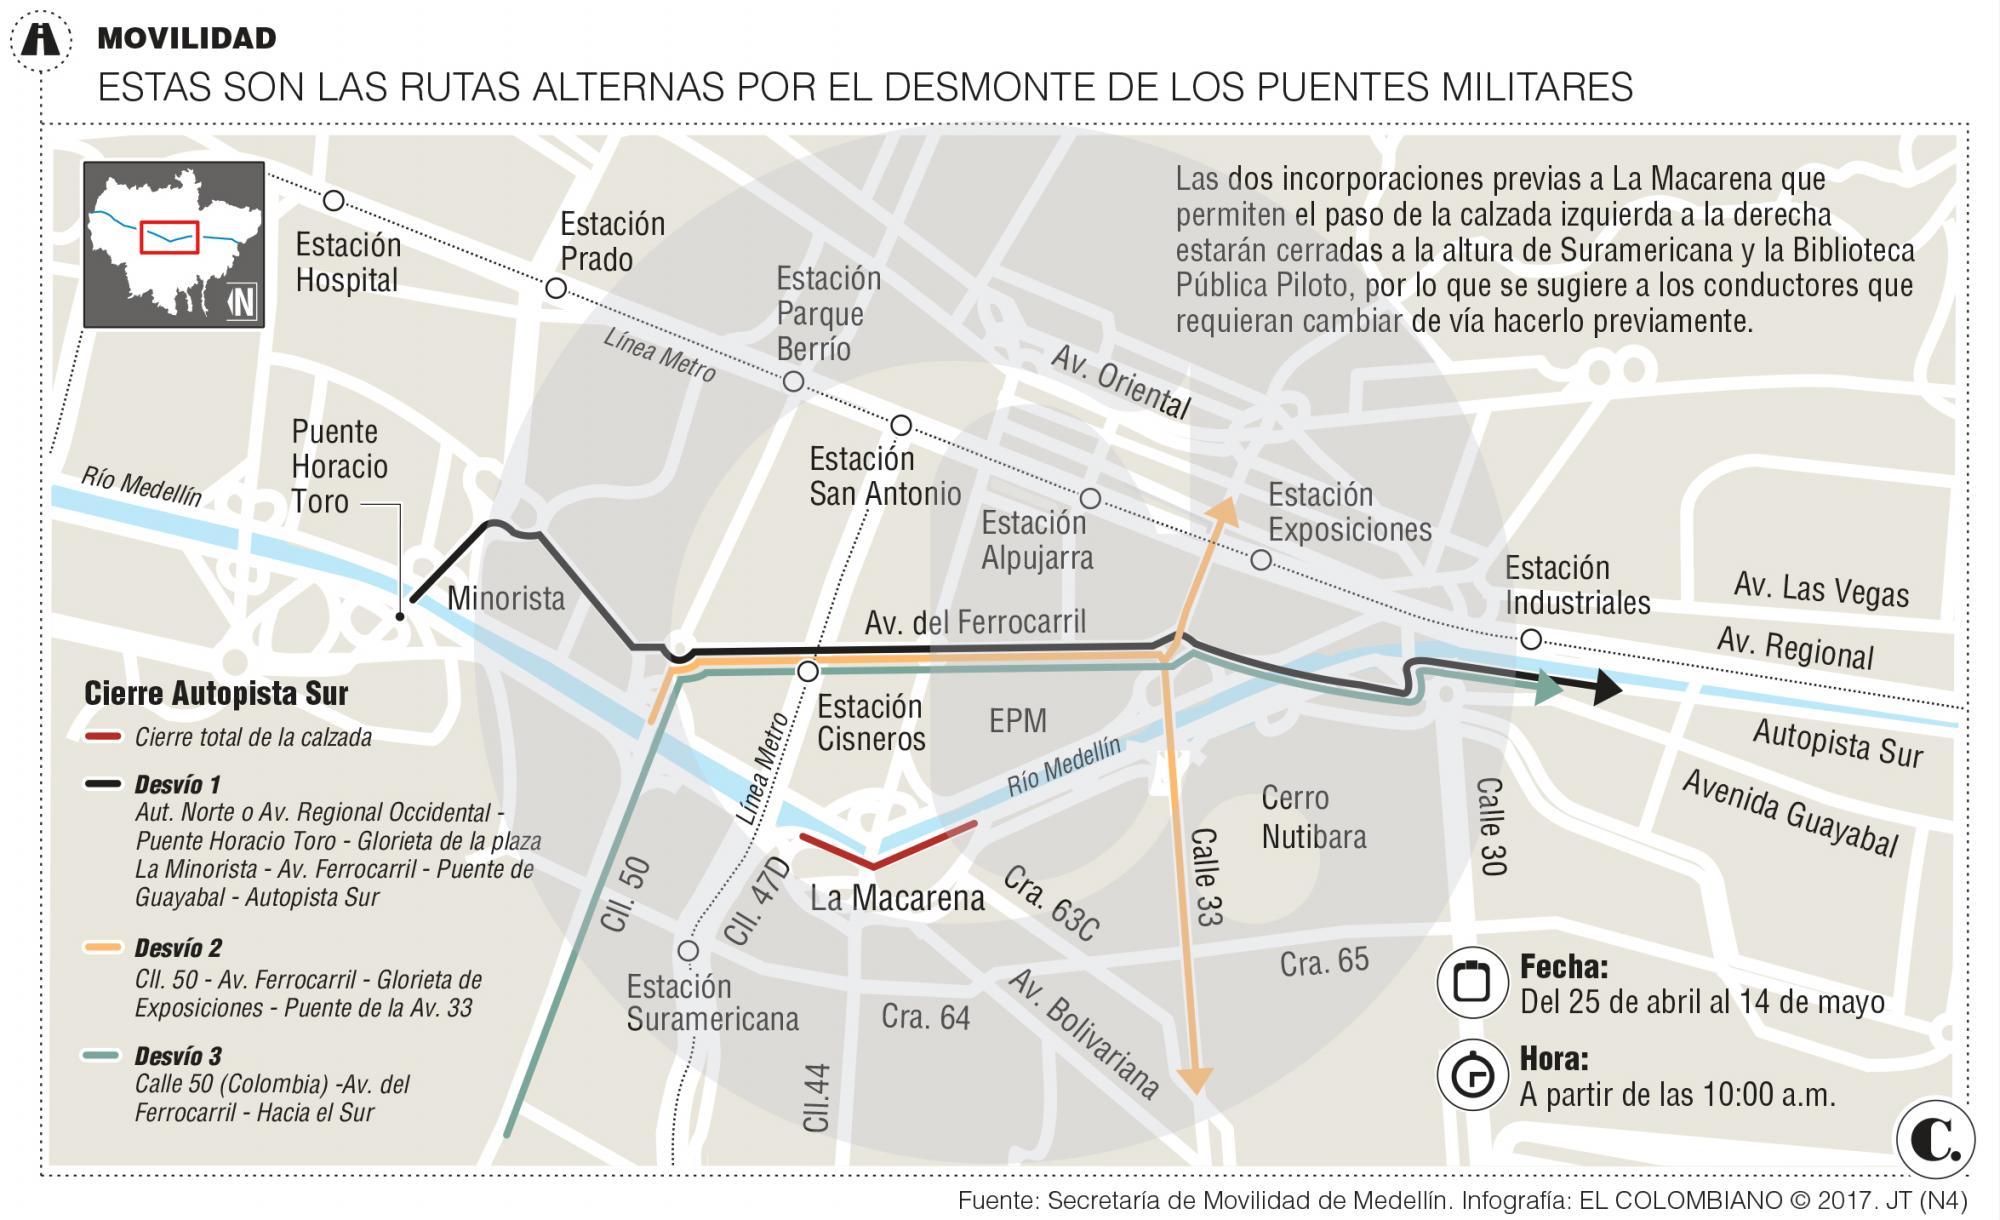 En 480 horas el Ejército desarmará los dos puentes militares sobre el río Medellín